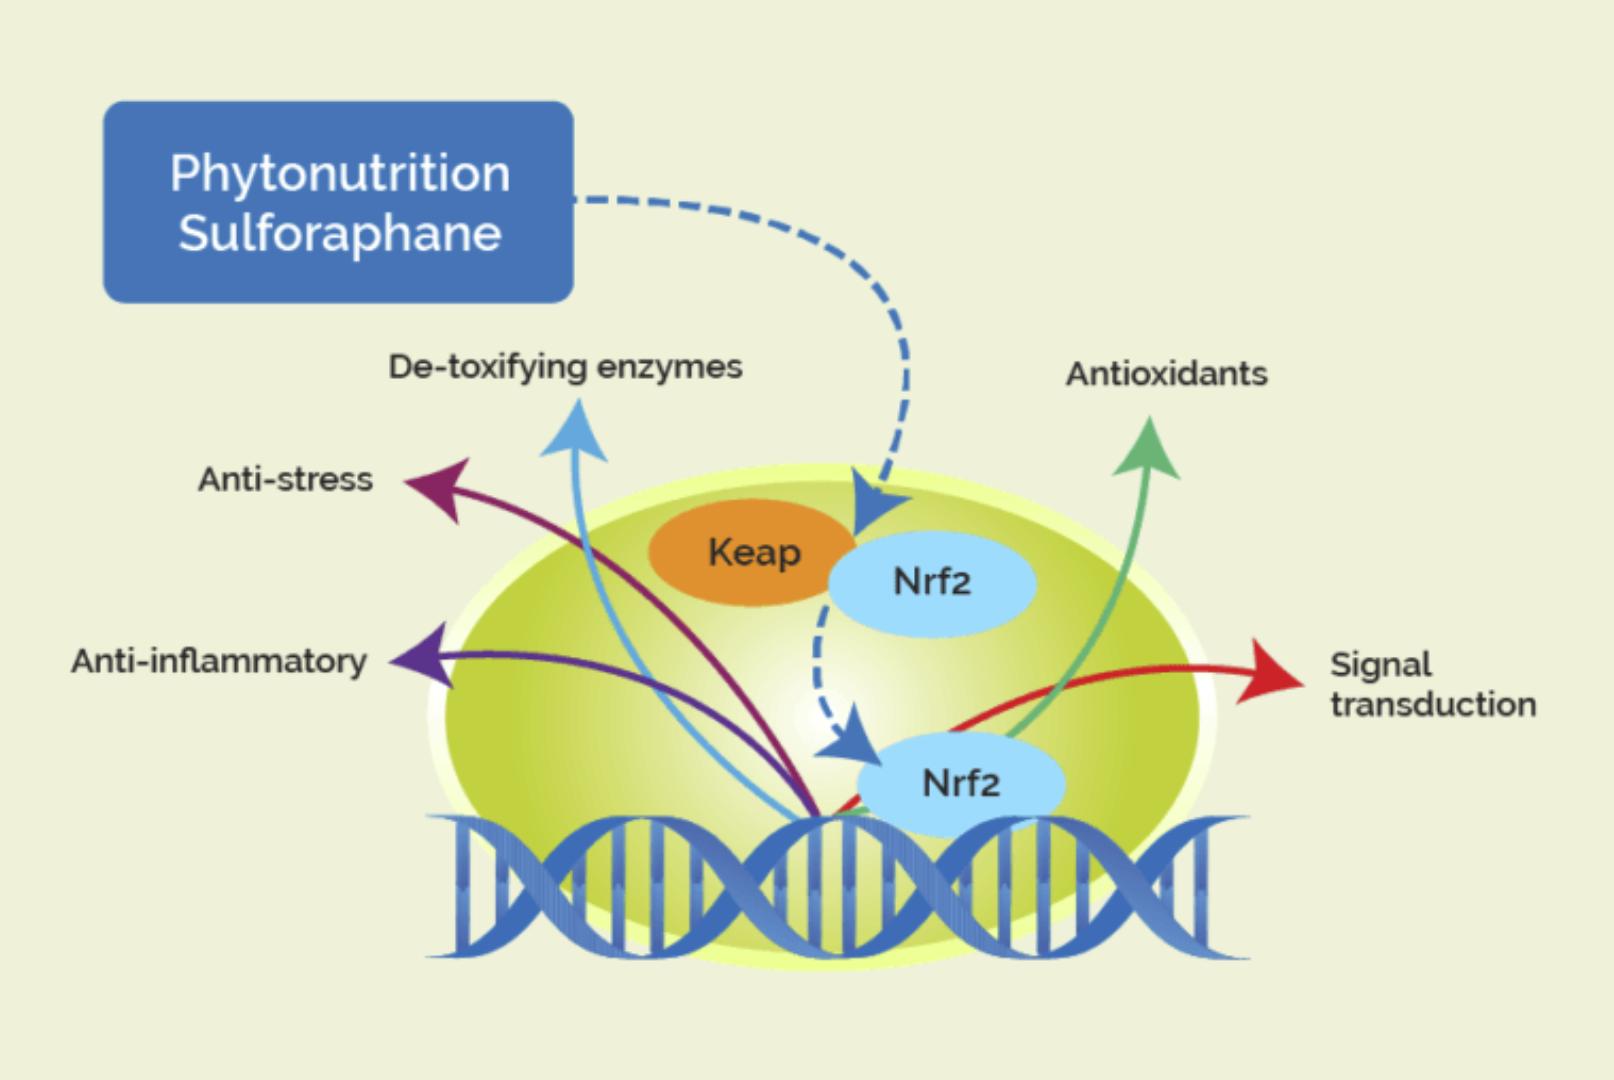 รูปที่ 3 : สาร Sulforaphane ที่พบในพืชตระกูล crufiferous ออกฤทธิ์กระตุ้นวิถี Nrf2 ซึ่งกระตุ้นการสร้างสารต้านอนุมูลอิสระ กระตุ้นเอ็นไซม์เฟส 2 ซึ่งใช้ทำลายสารพิษที่ตับ ช่วยต้านการอักเสบระดับเซลล์